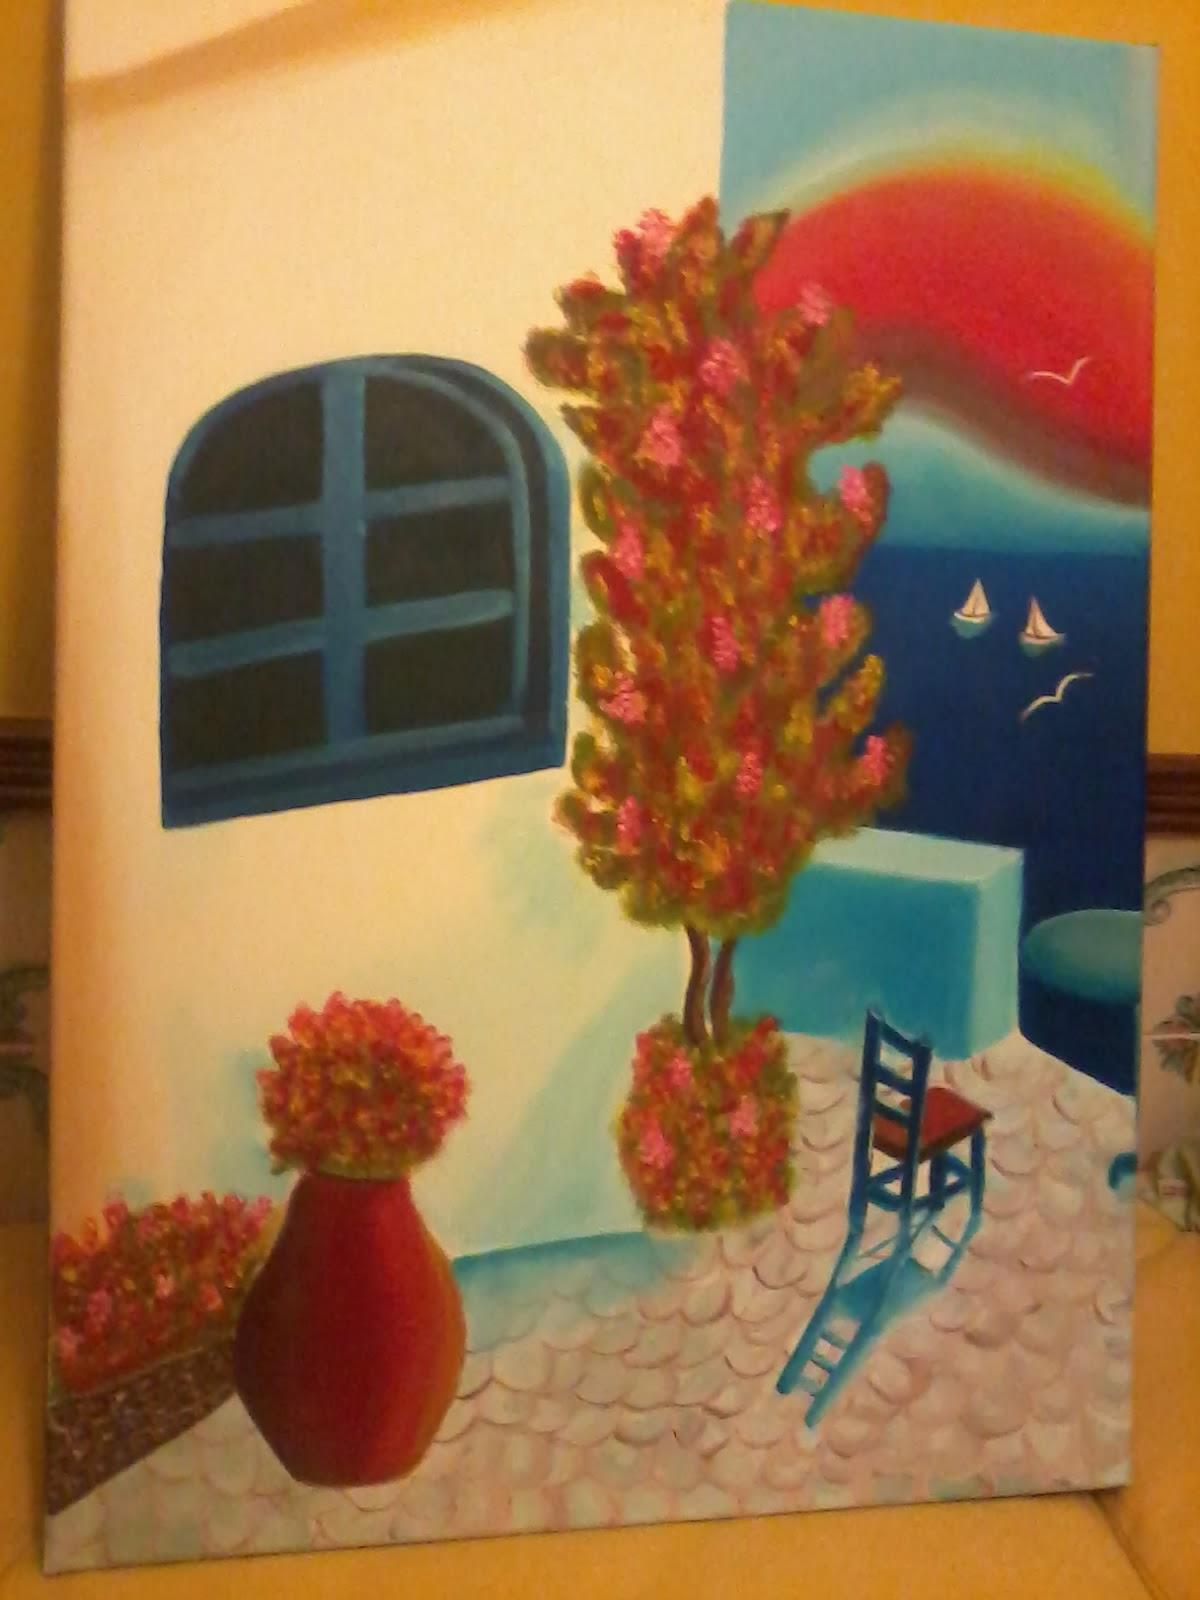 Quadro a óleo pintado pela minha filhota - Paisagem grega